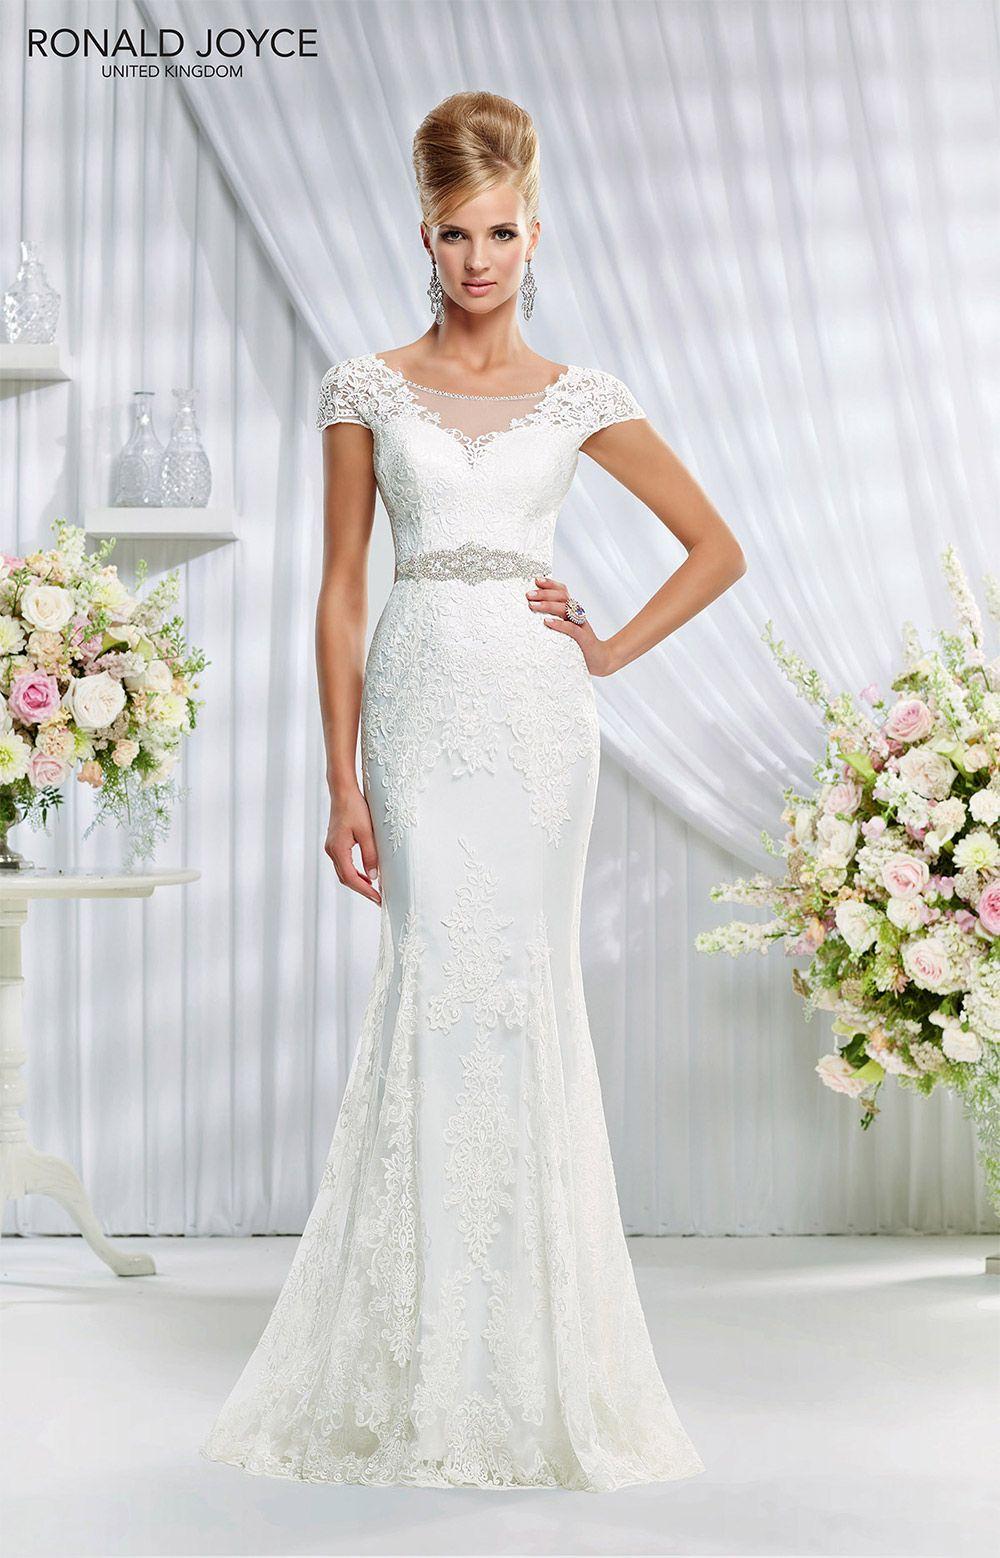 Wedding Dresses for Older Brides | Pinterest | Wedding dress ...